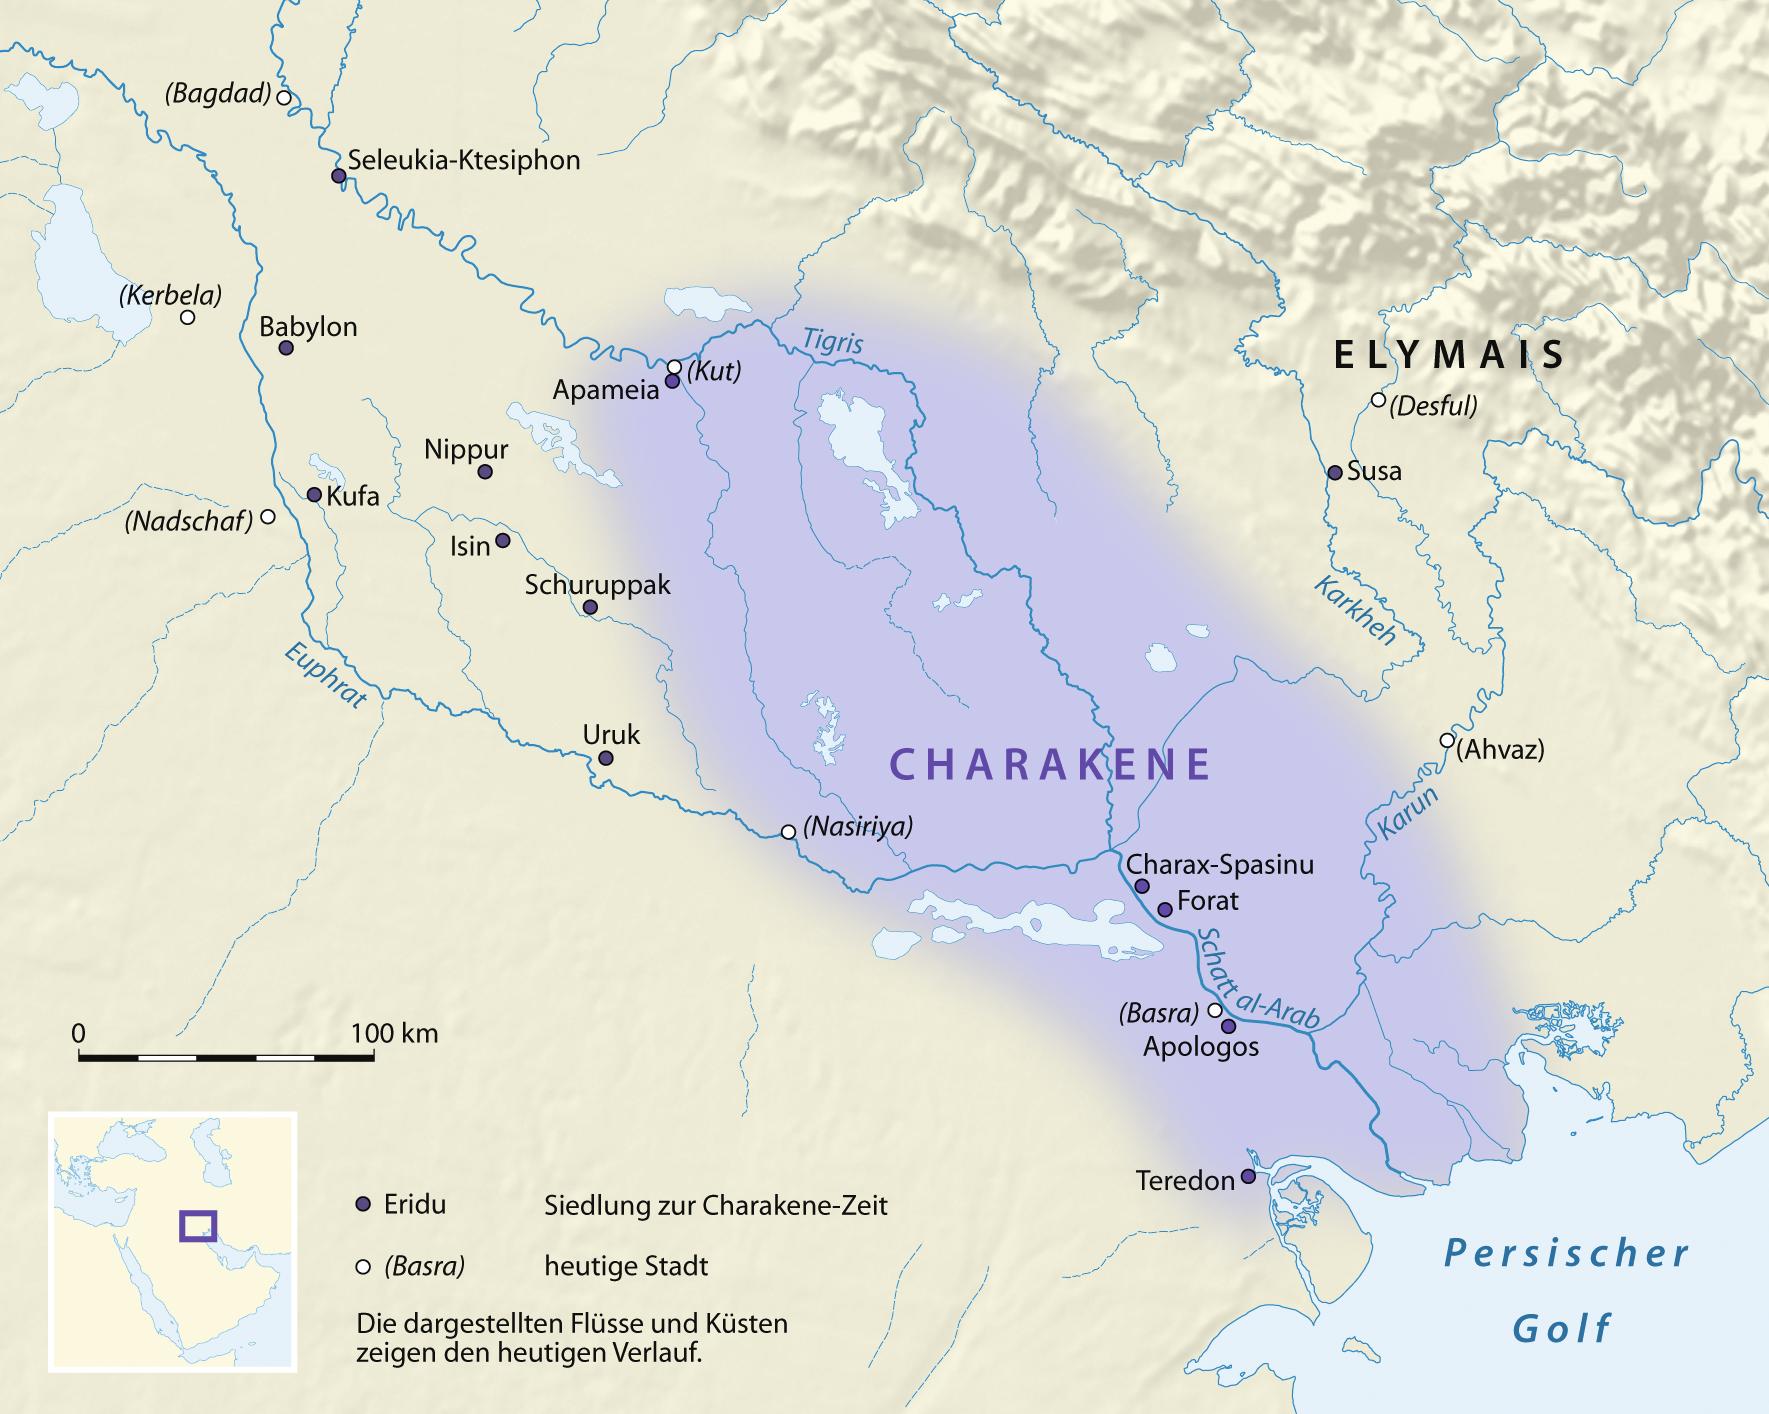 Babylon Karte.File Karte Charakene Png Wikimedia Commons